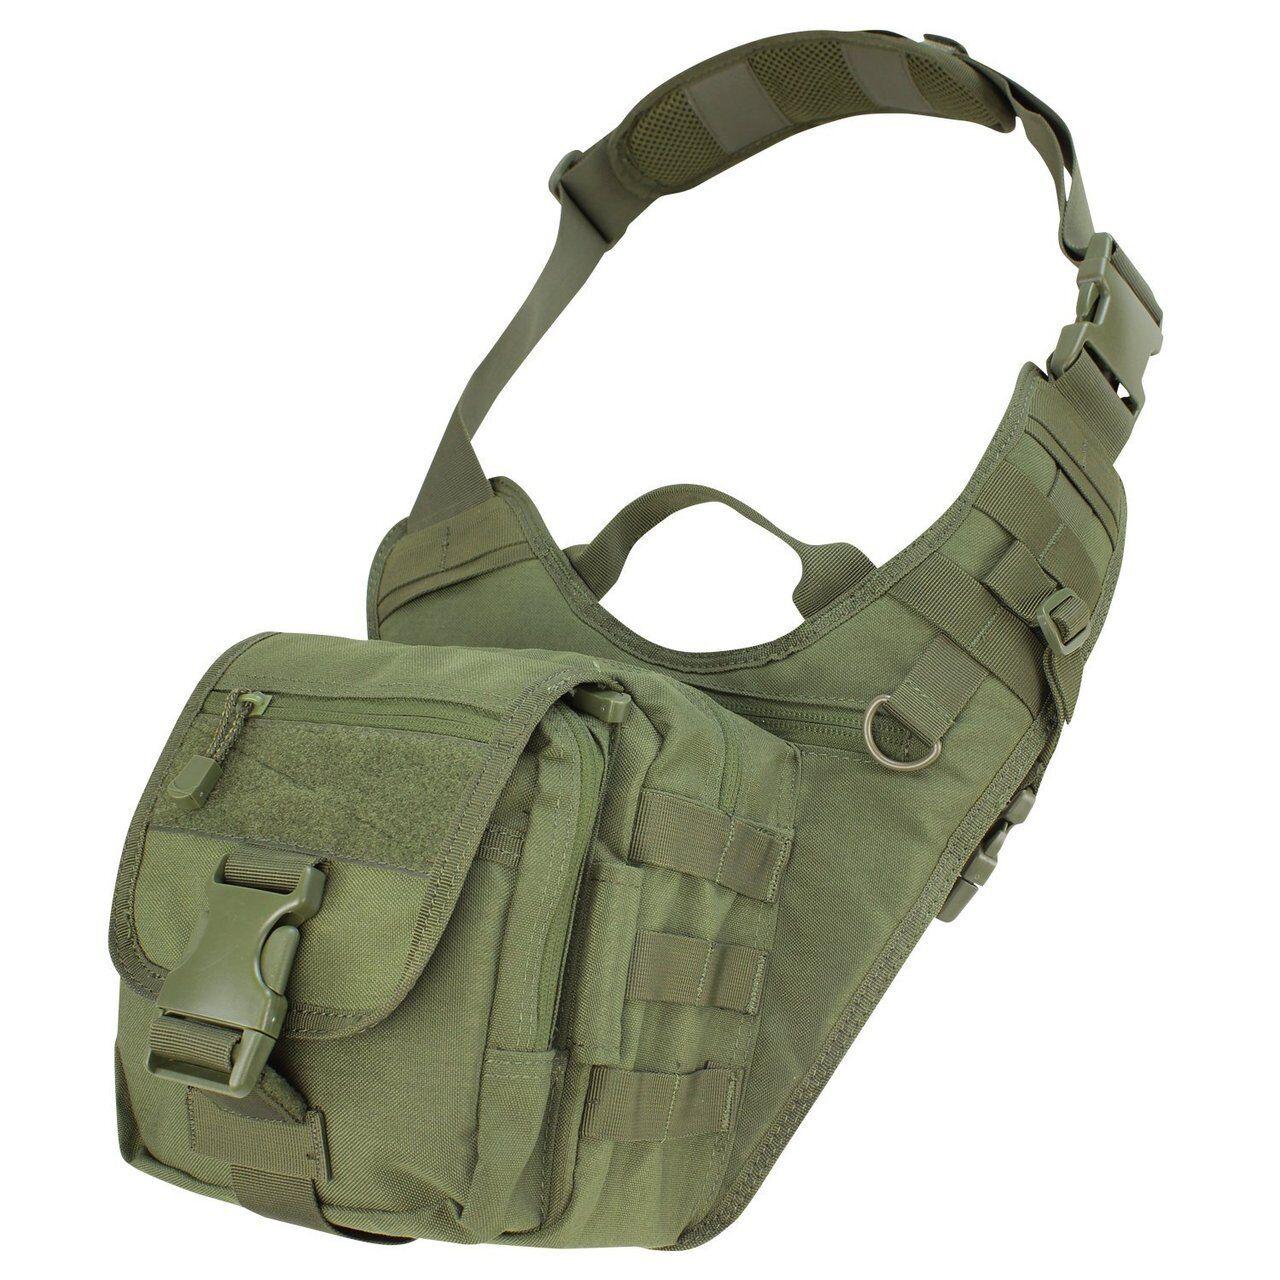 Condor Outdoor EDC Bag Olive Drab 9